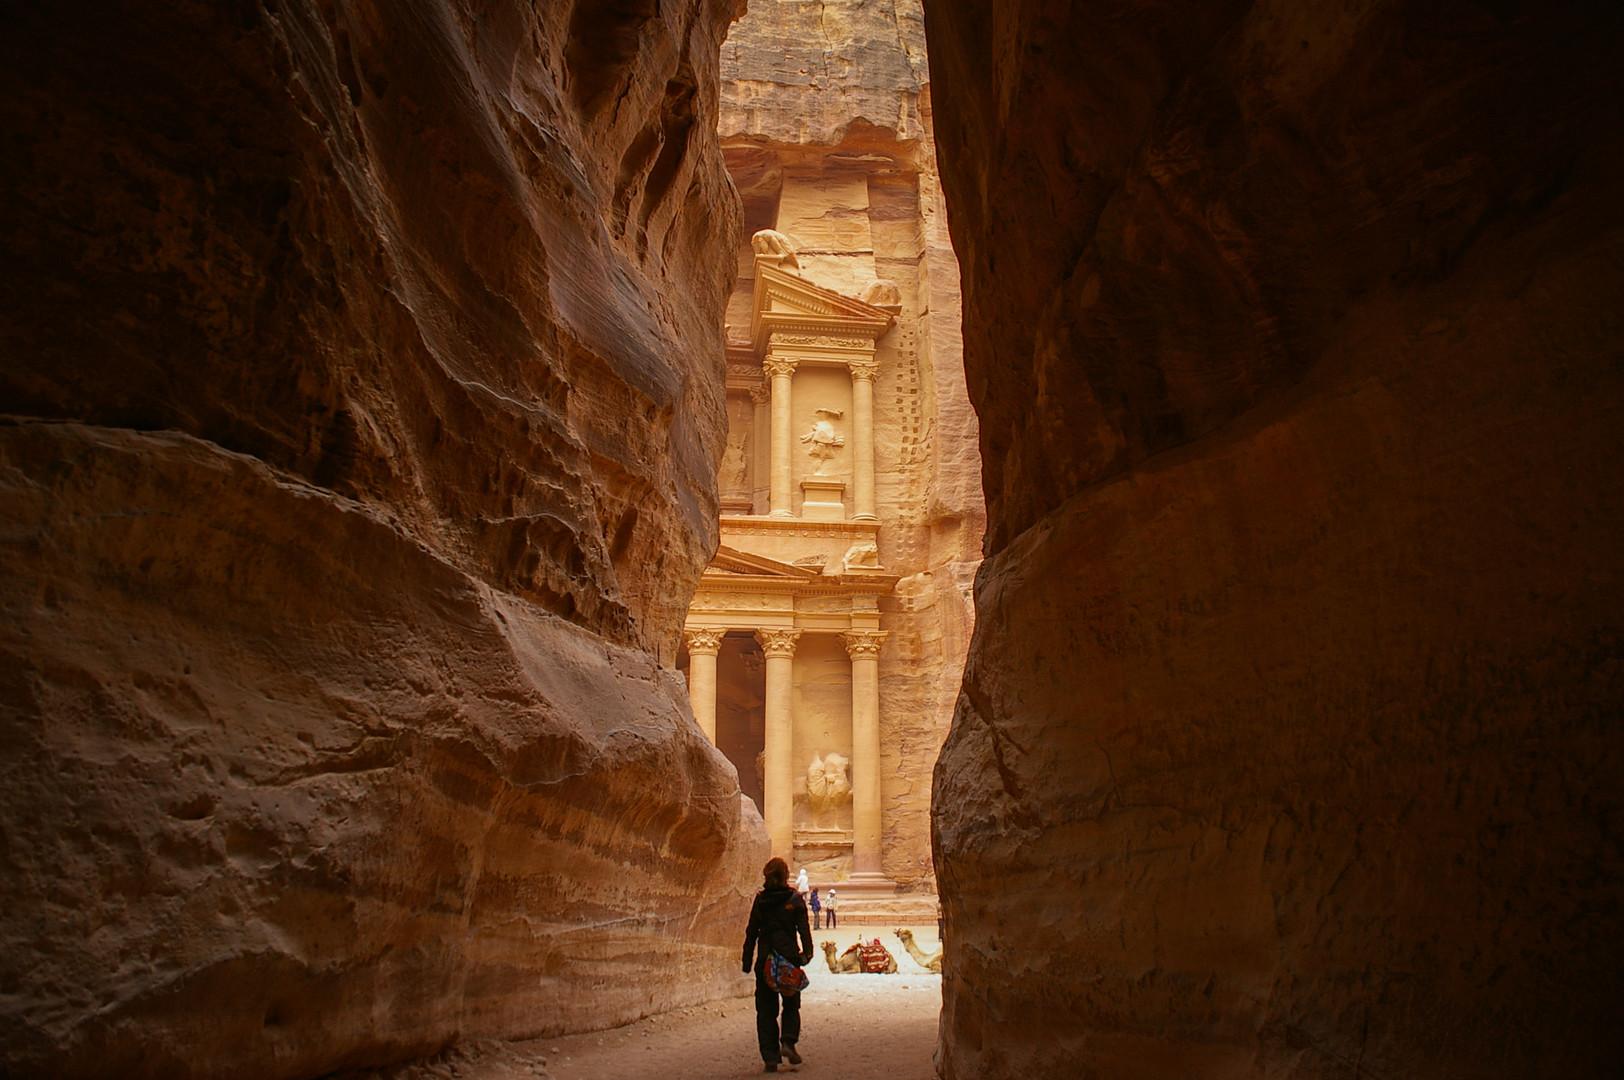 Jordánsko - země, kde se zastavil čas #5